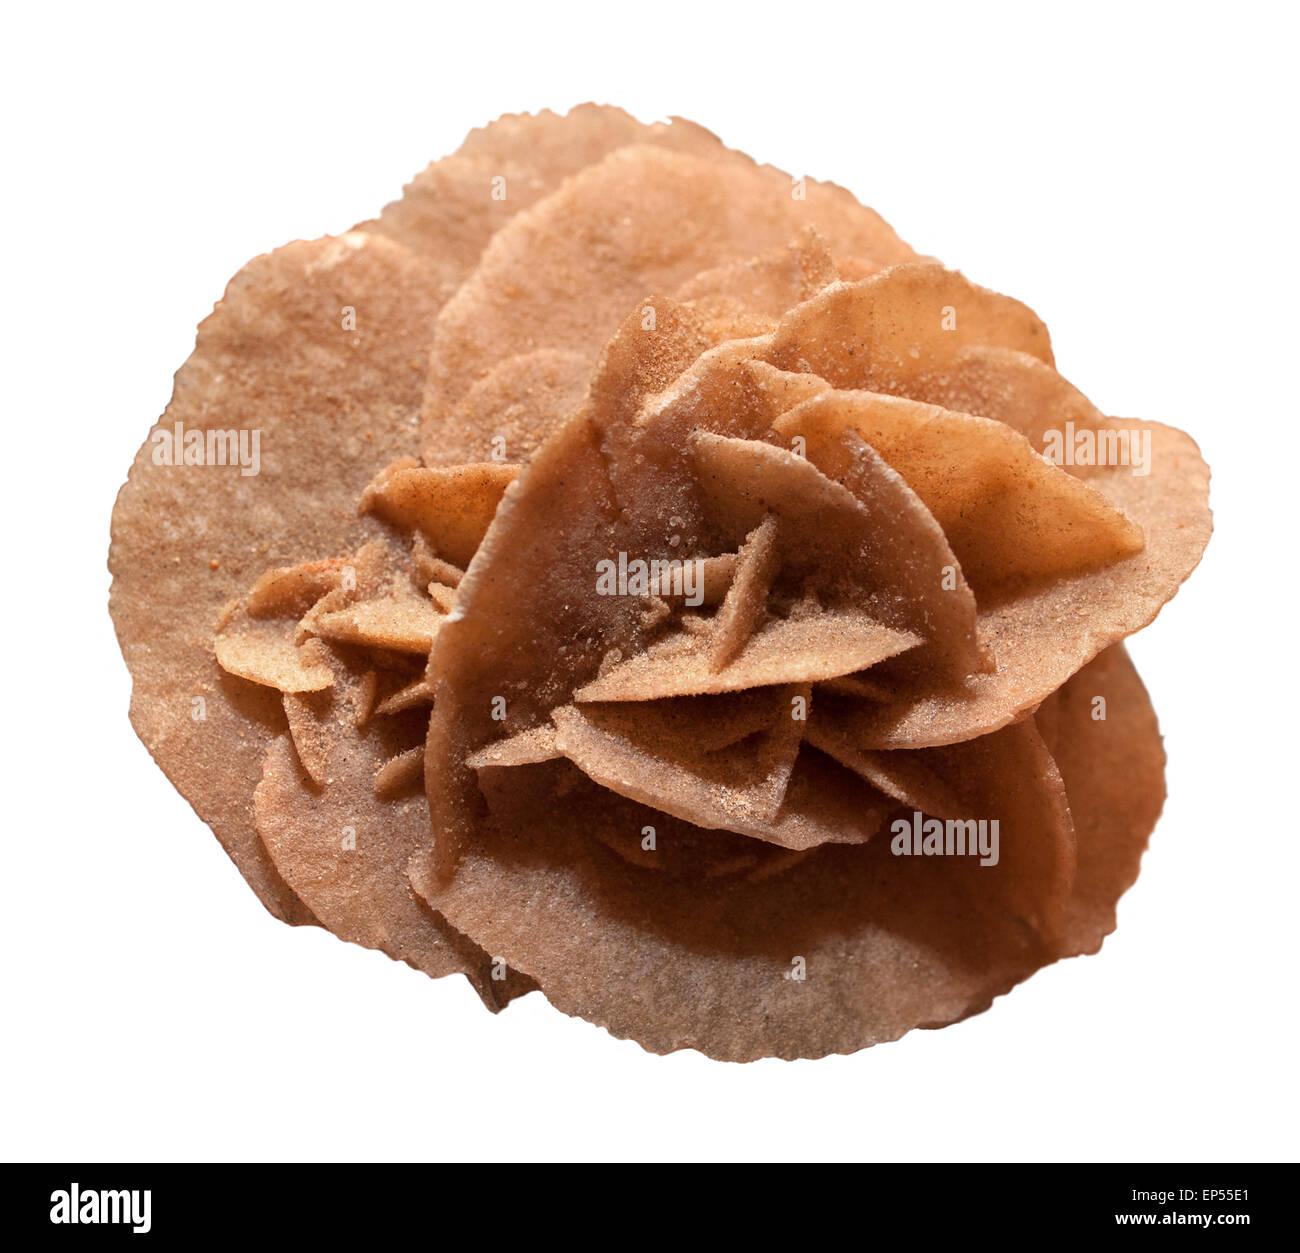 Crystal desert rose. - Stock Image